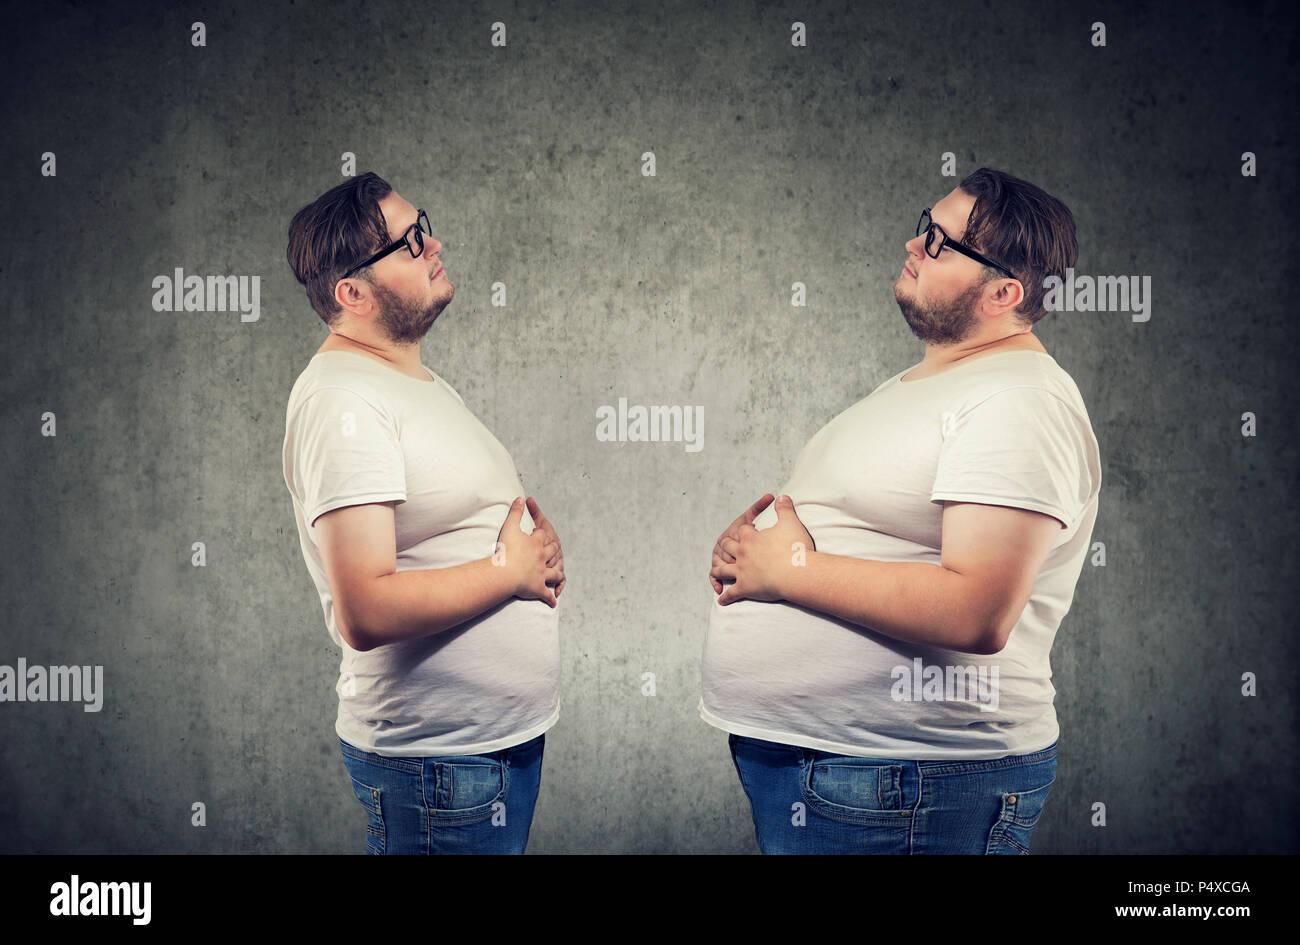 Chubby joven hombre mirando el FAT mismo sentir hinchado. Dieta y nutrición, opciones de estilo de vida saludable concepto Imagen De Stock